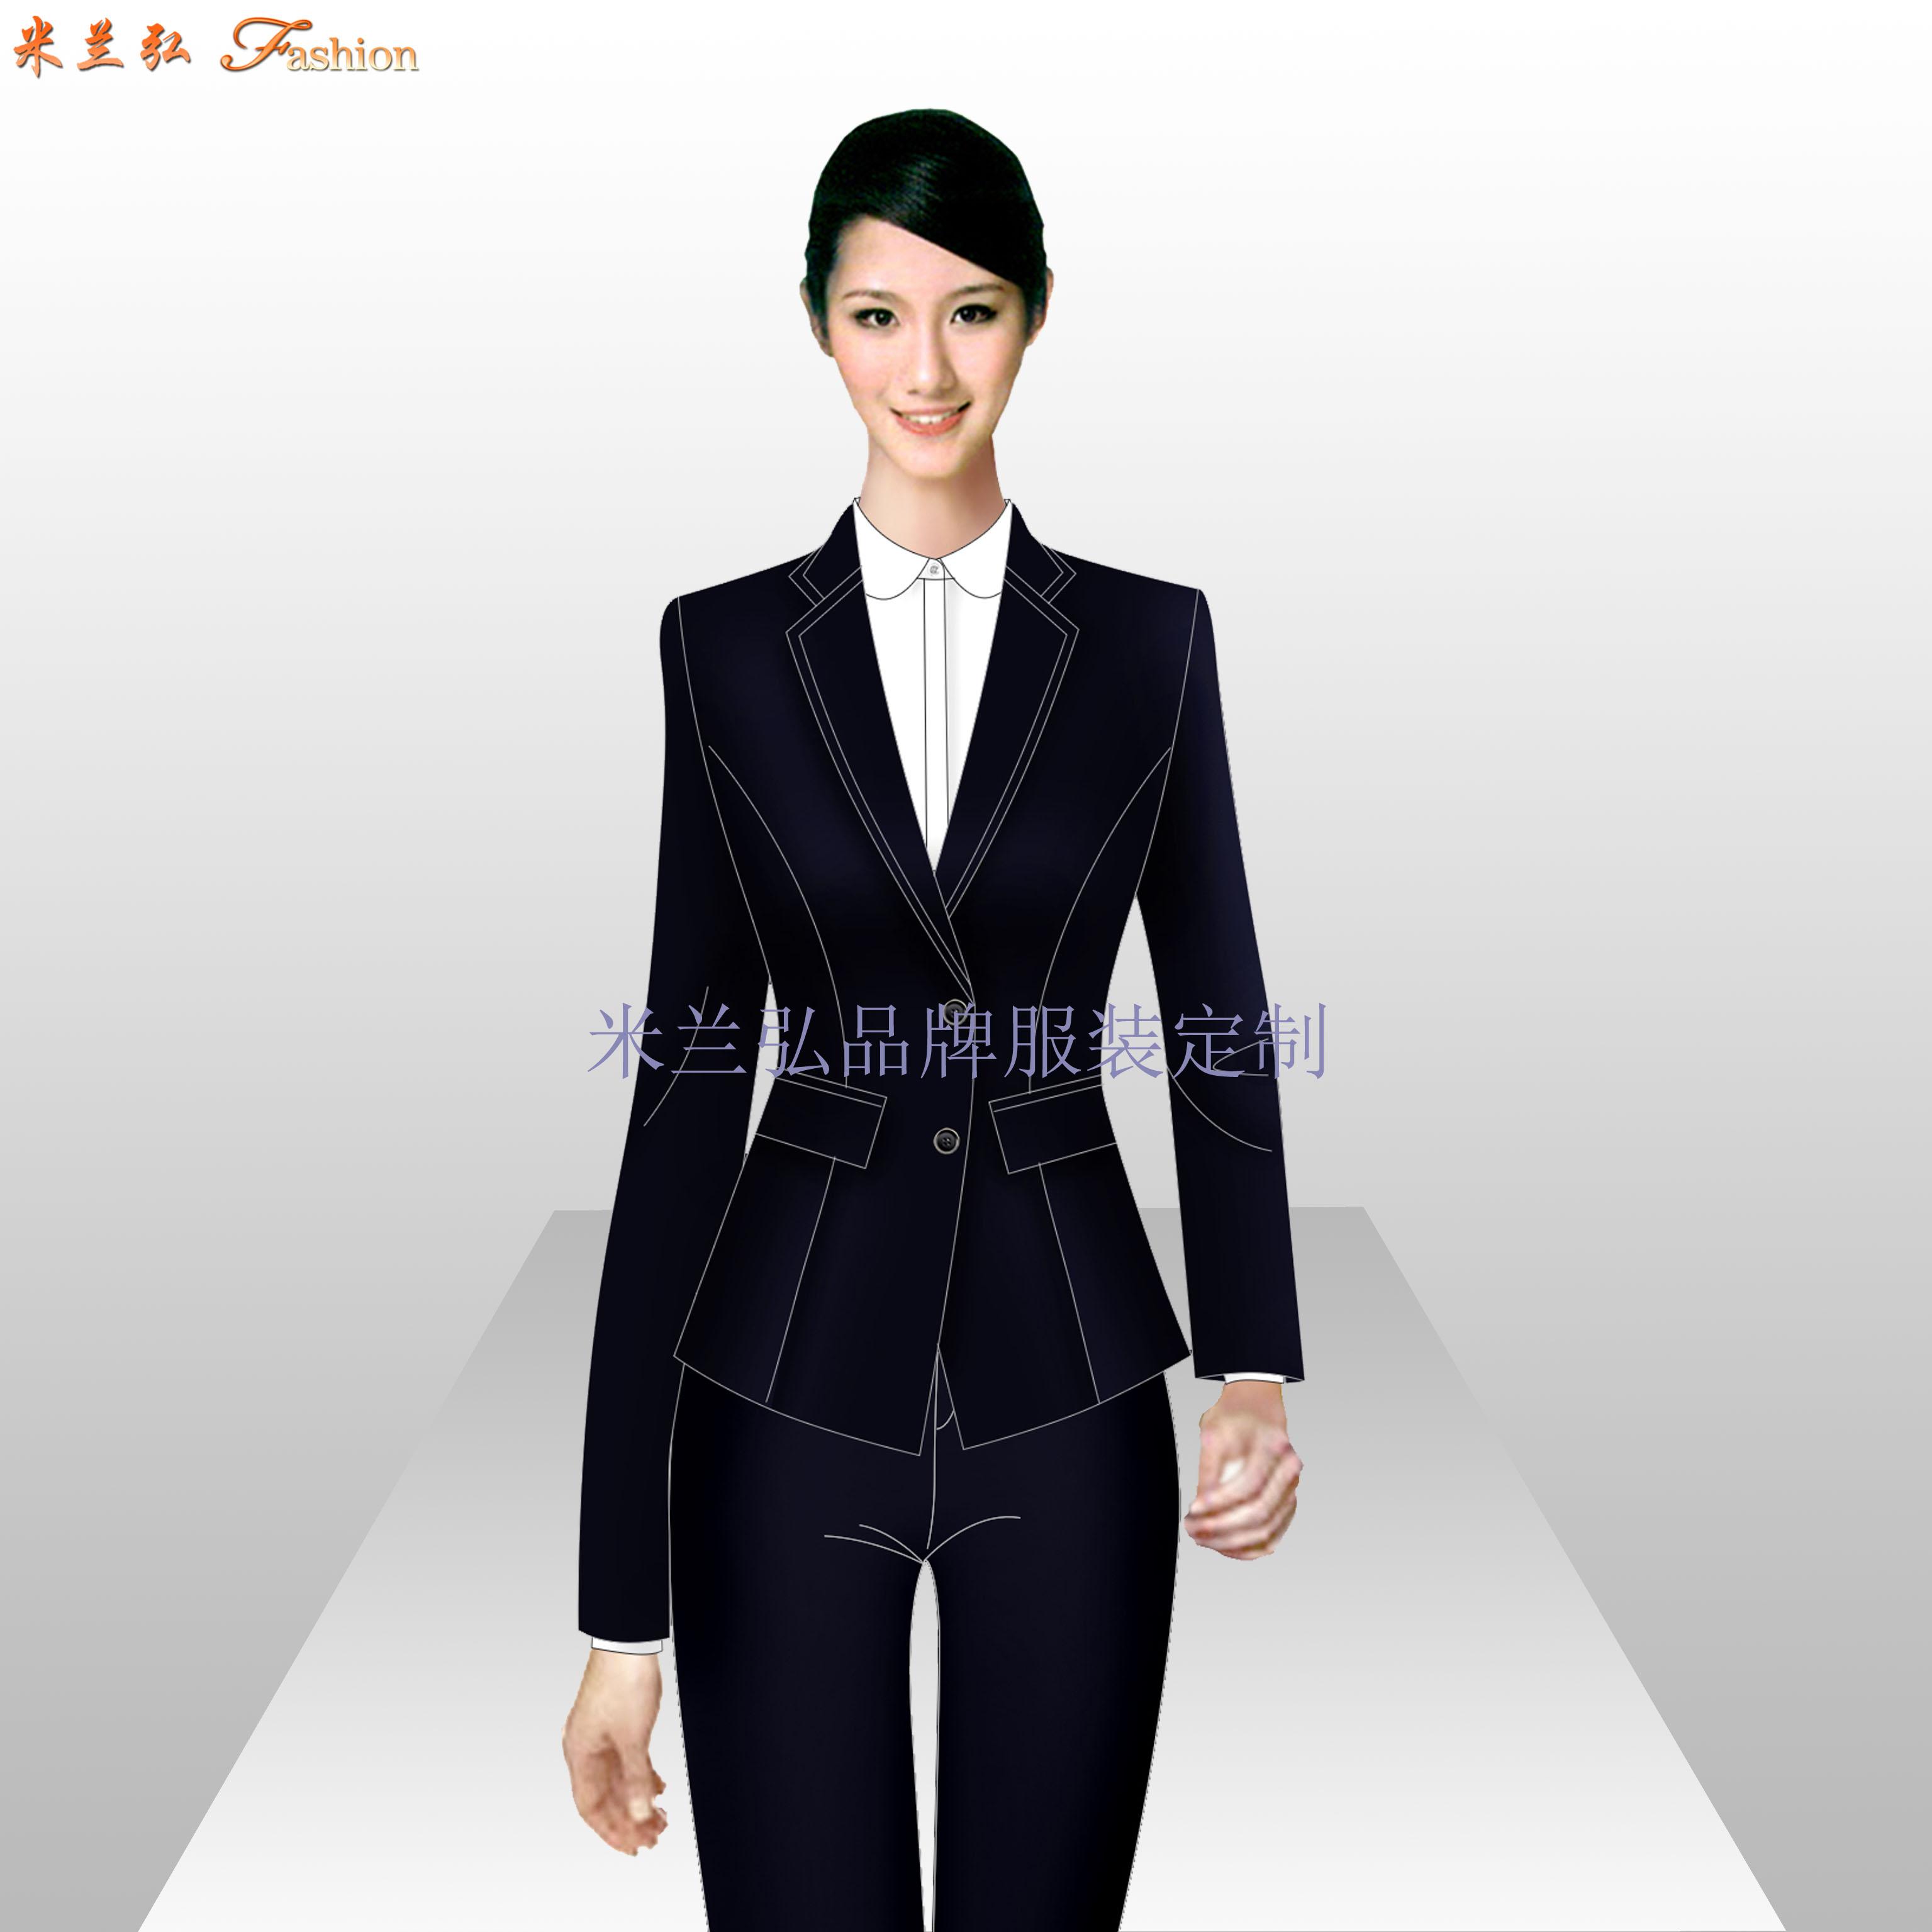 太原正装定制,太原女士职业装订做-蓝冠注册厂家-4